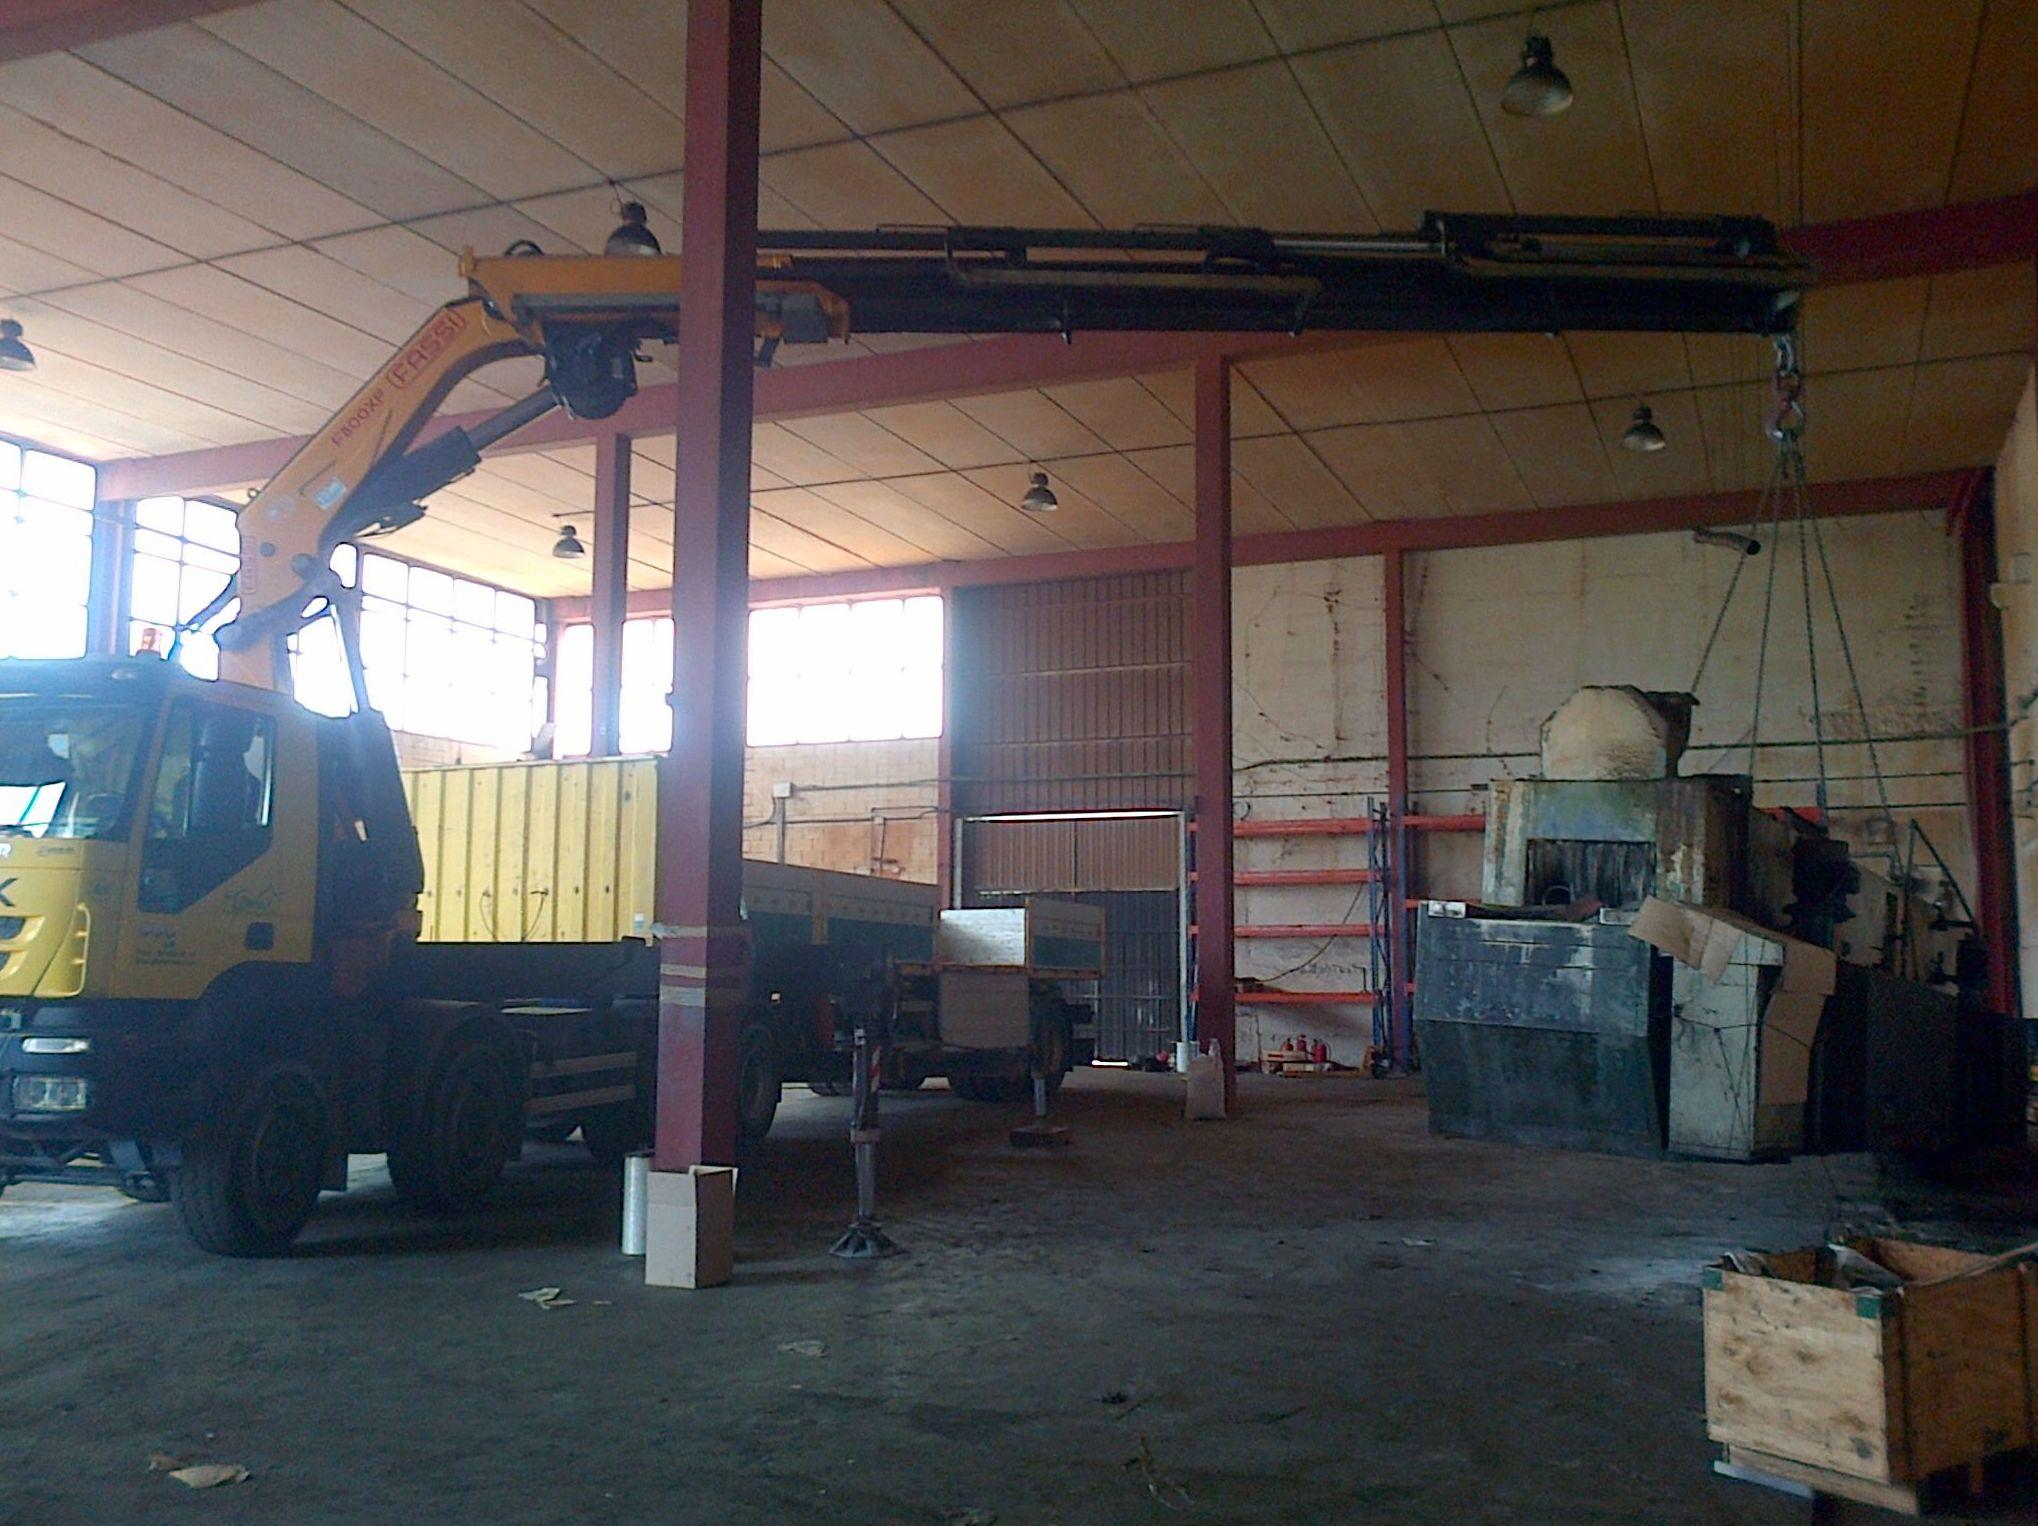 Traslado de maquinaria en espacios confinados